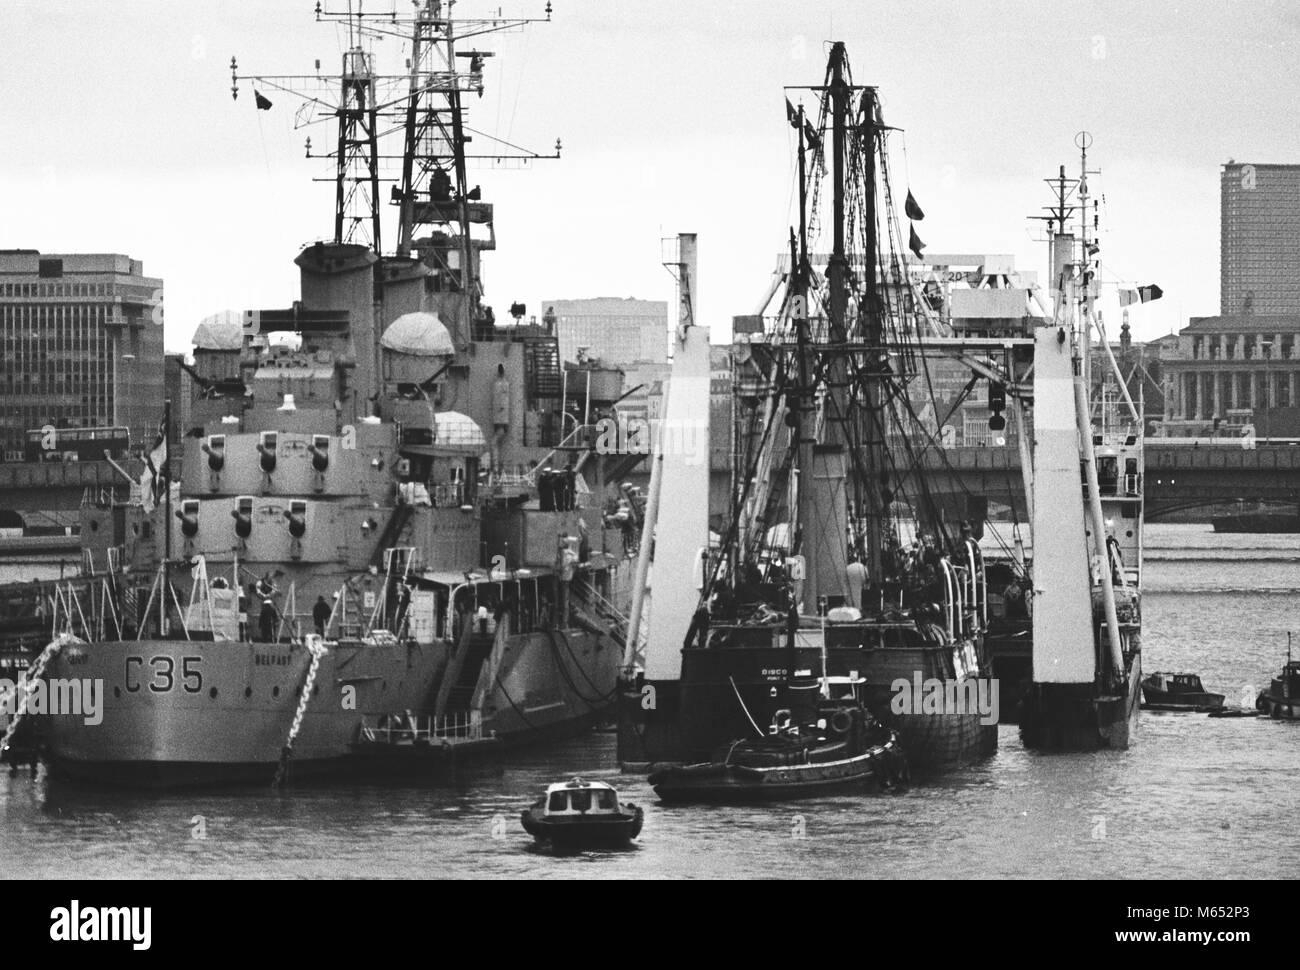 'Descubrimiento' es empujado en parcialmente sumergidas elevación pesada nave Mariner feliz junto a HMS Belfast Foto de stock